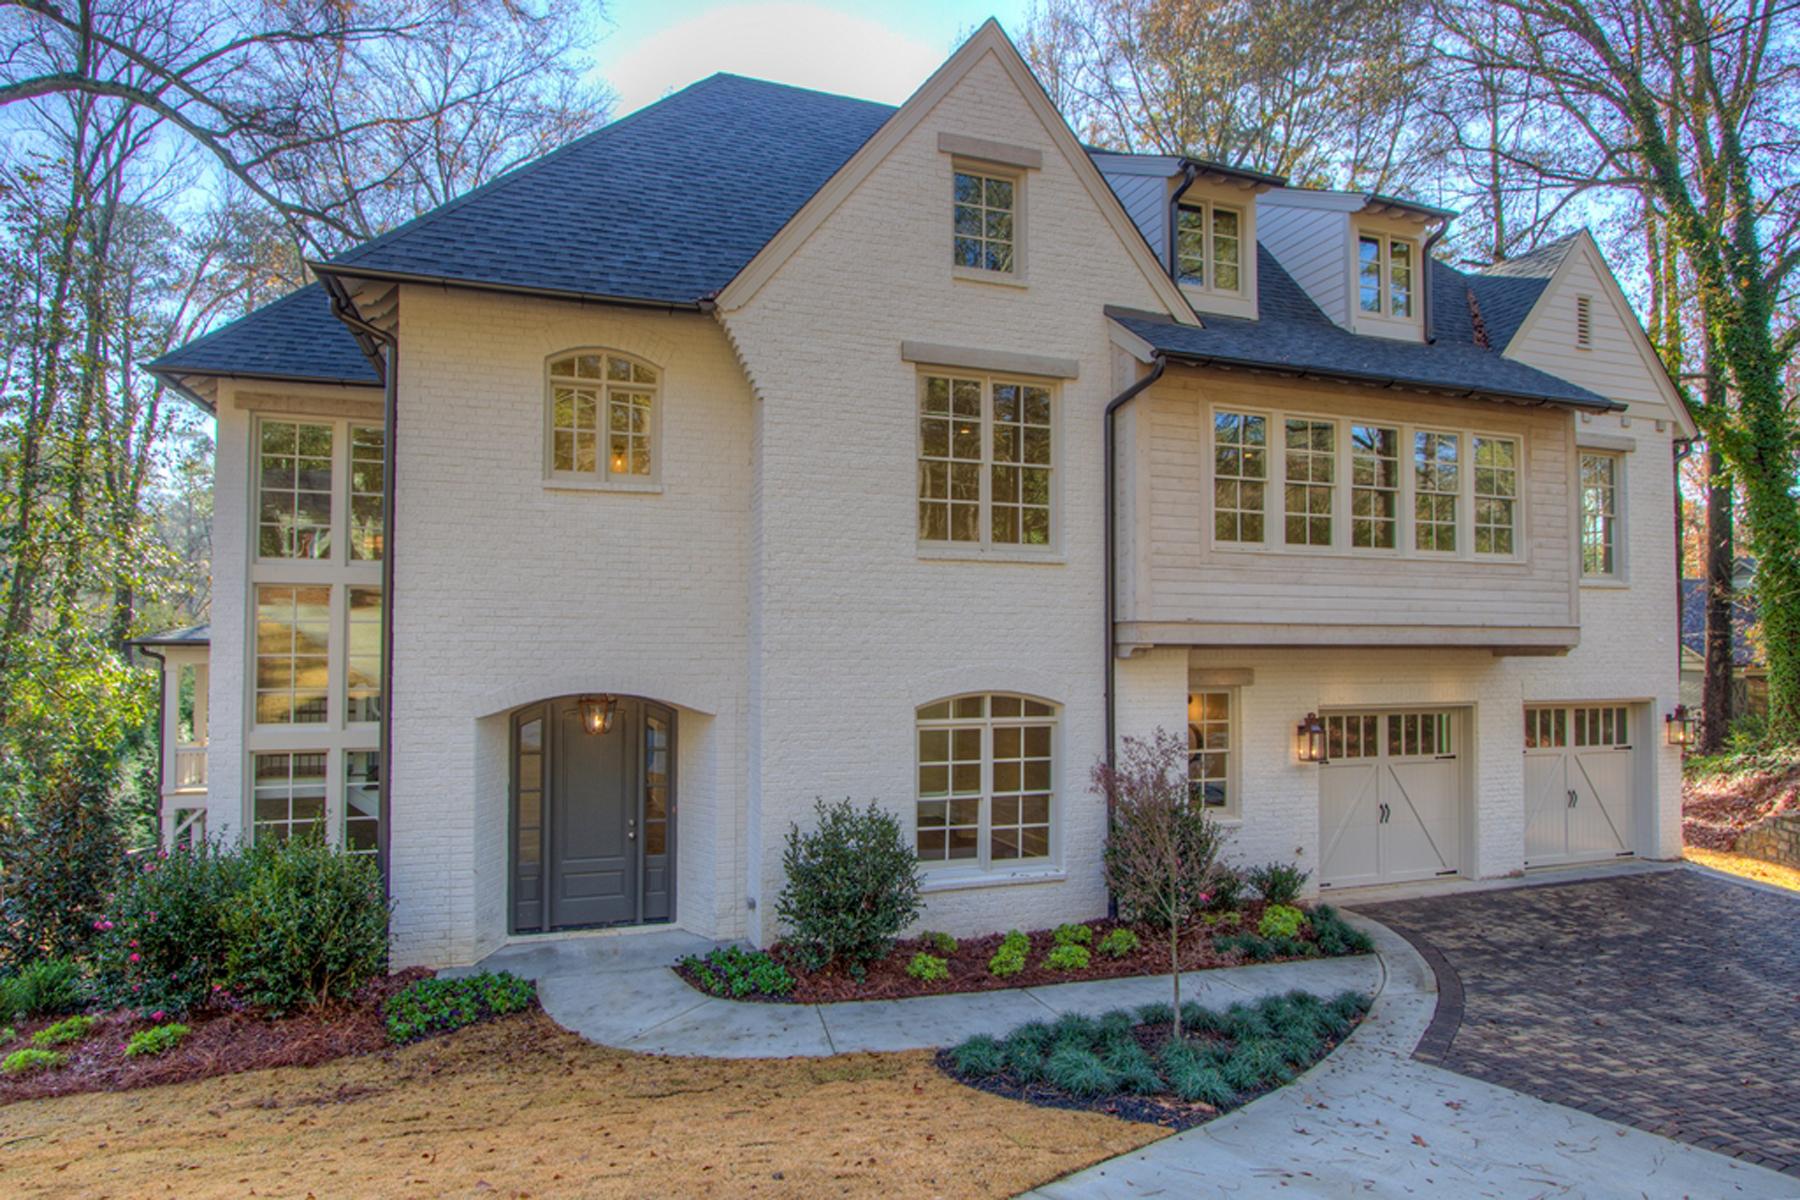 Villa per Vendita alle ore Beautiful New Construction In Chastain Park 496 Broadland Road NW Atlanta, Georgia, 30342 Stati Uniti